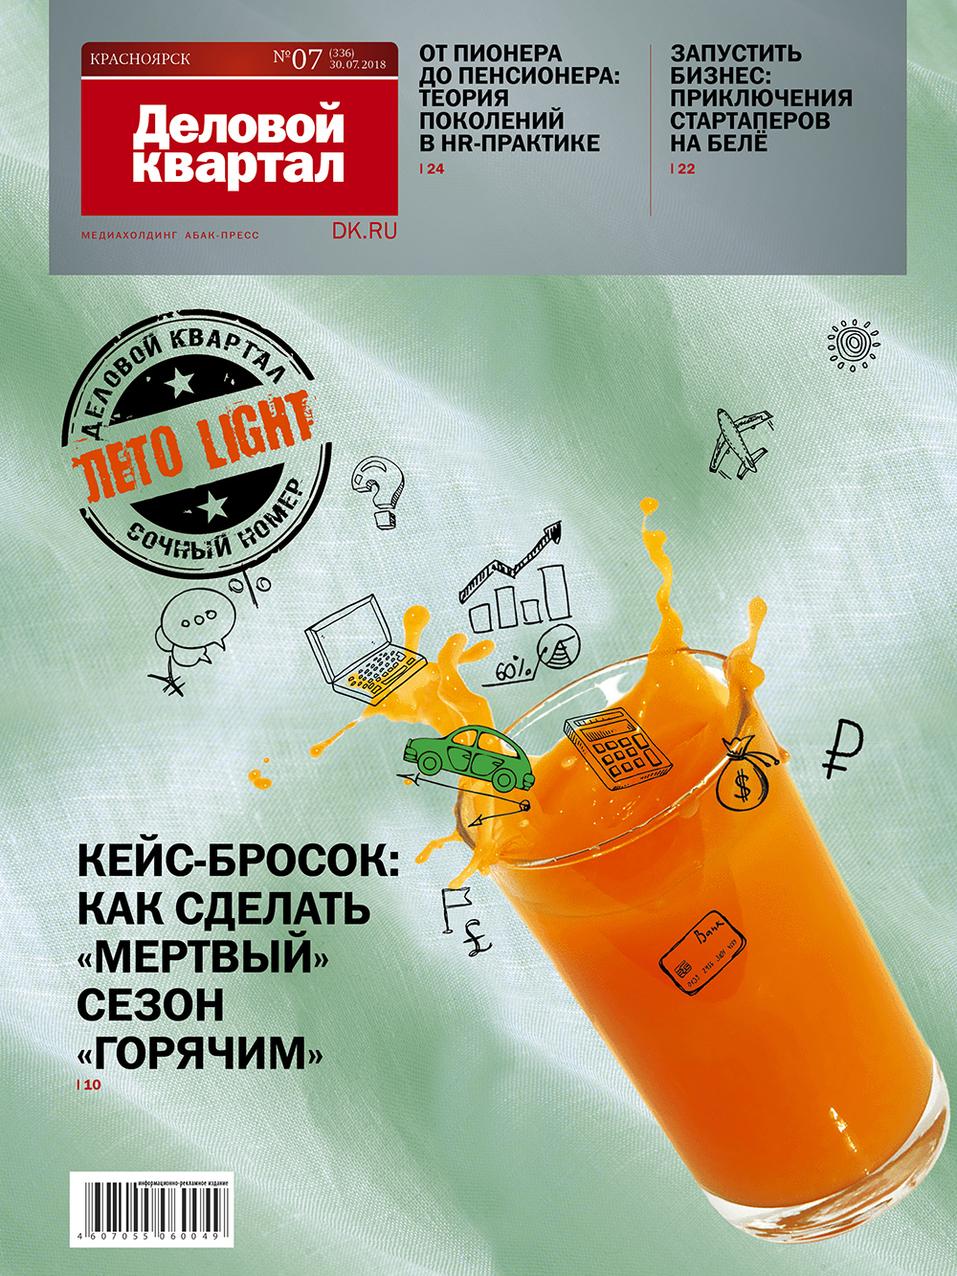 Архив журнала «Деловой квартал»-Красноярск 9